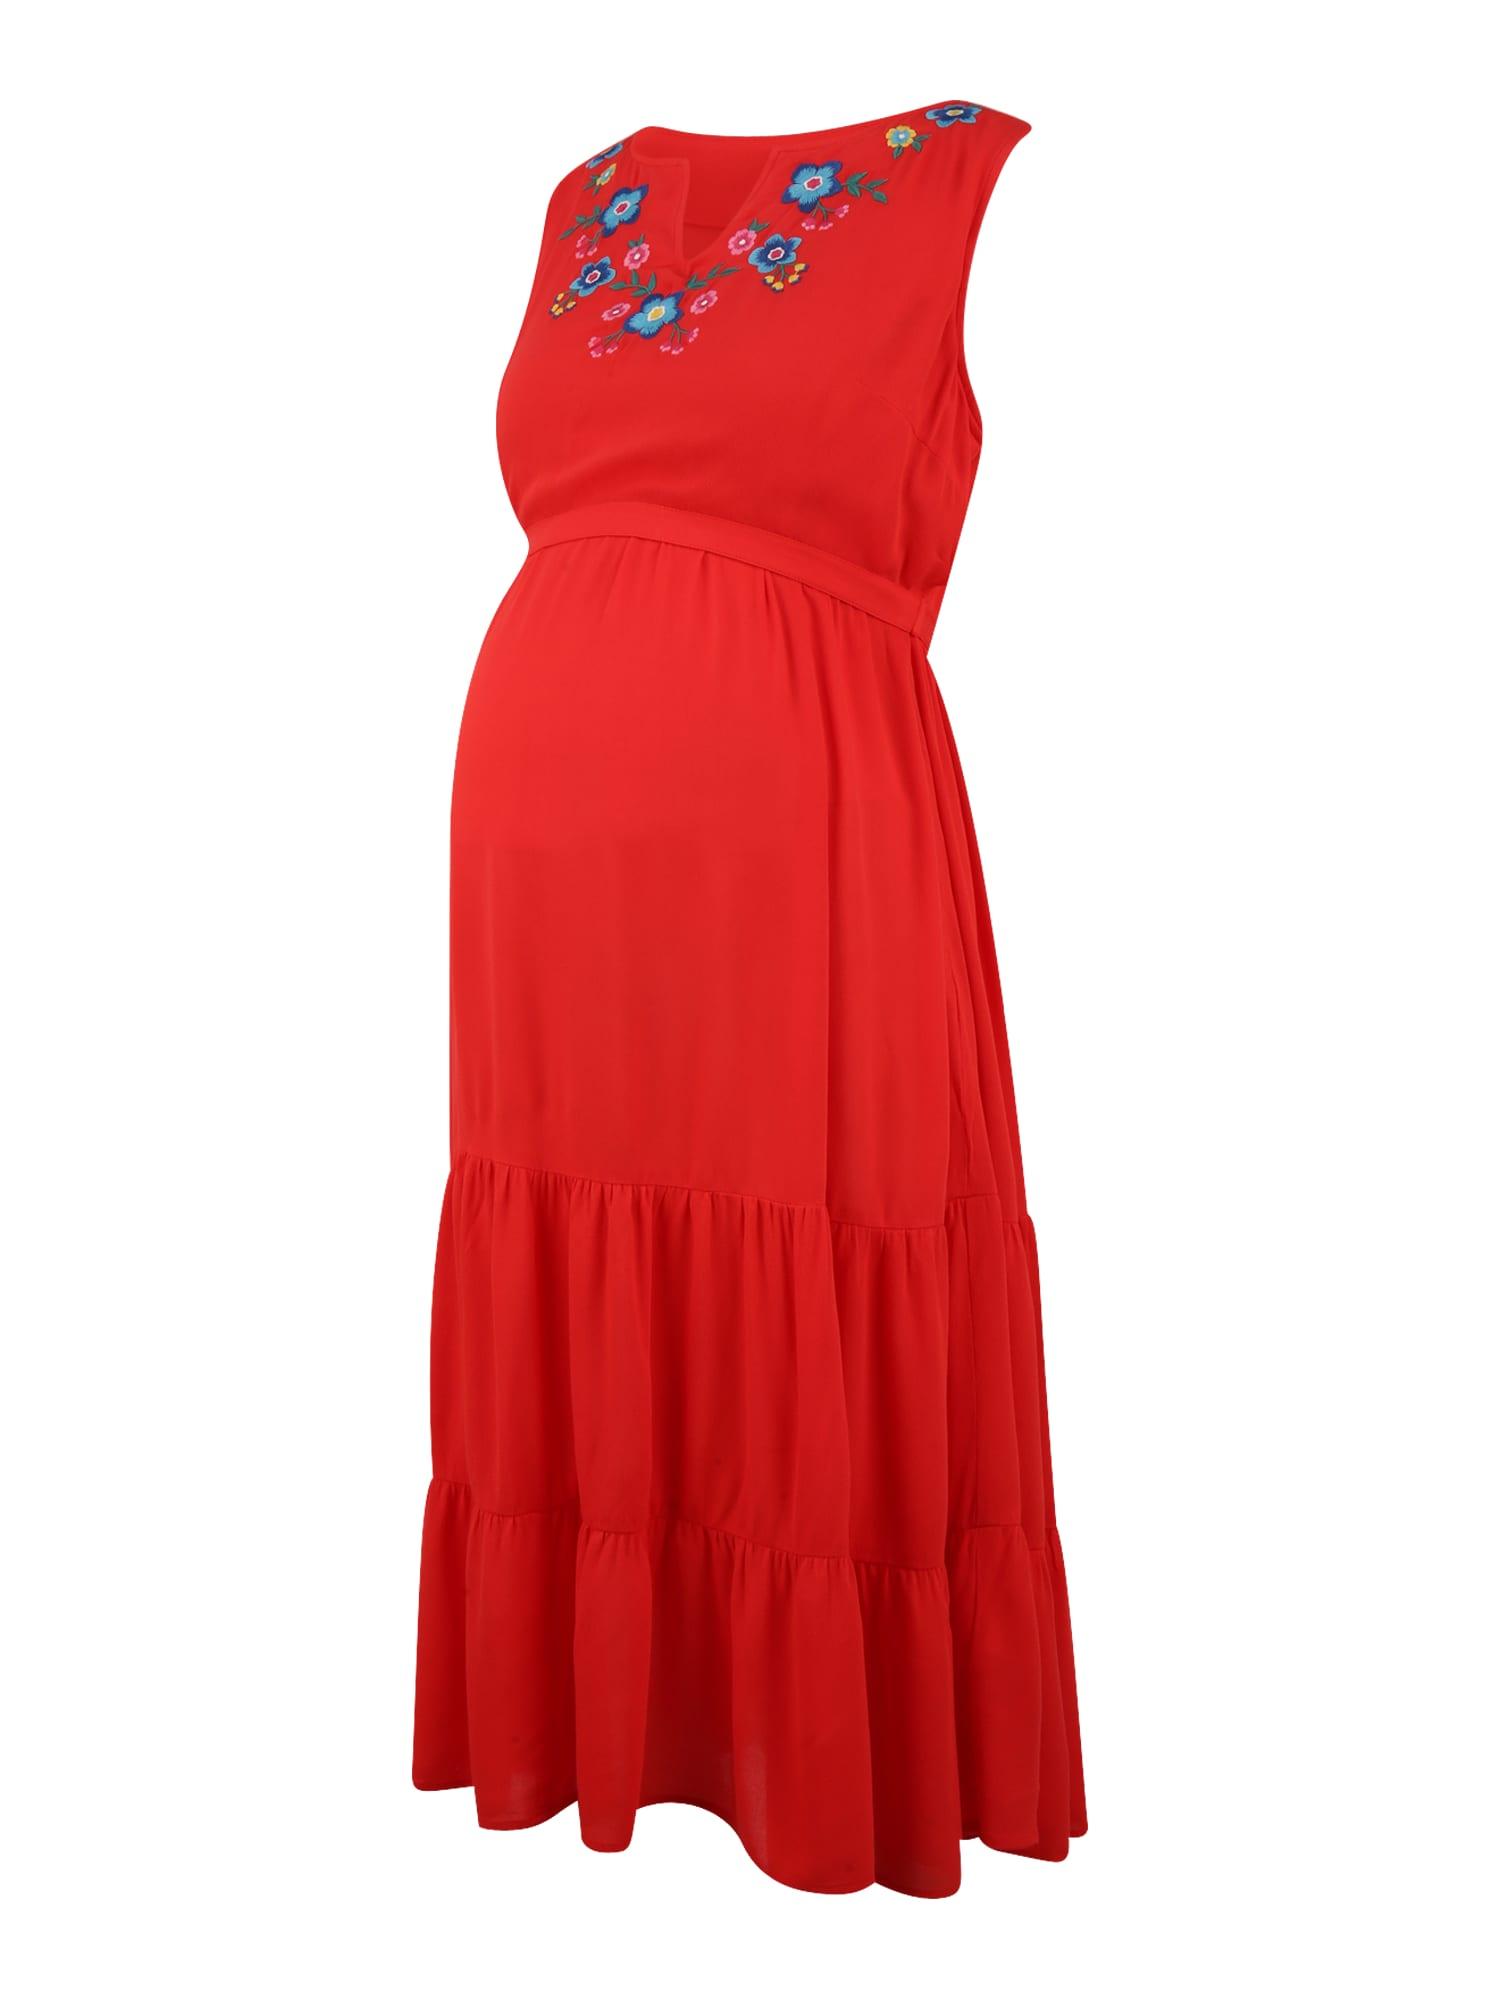 JoJo Maman Bébé Suknelė raudona